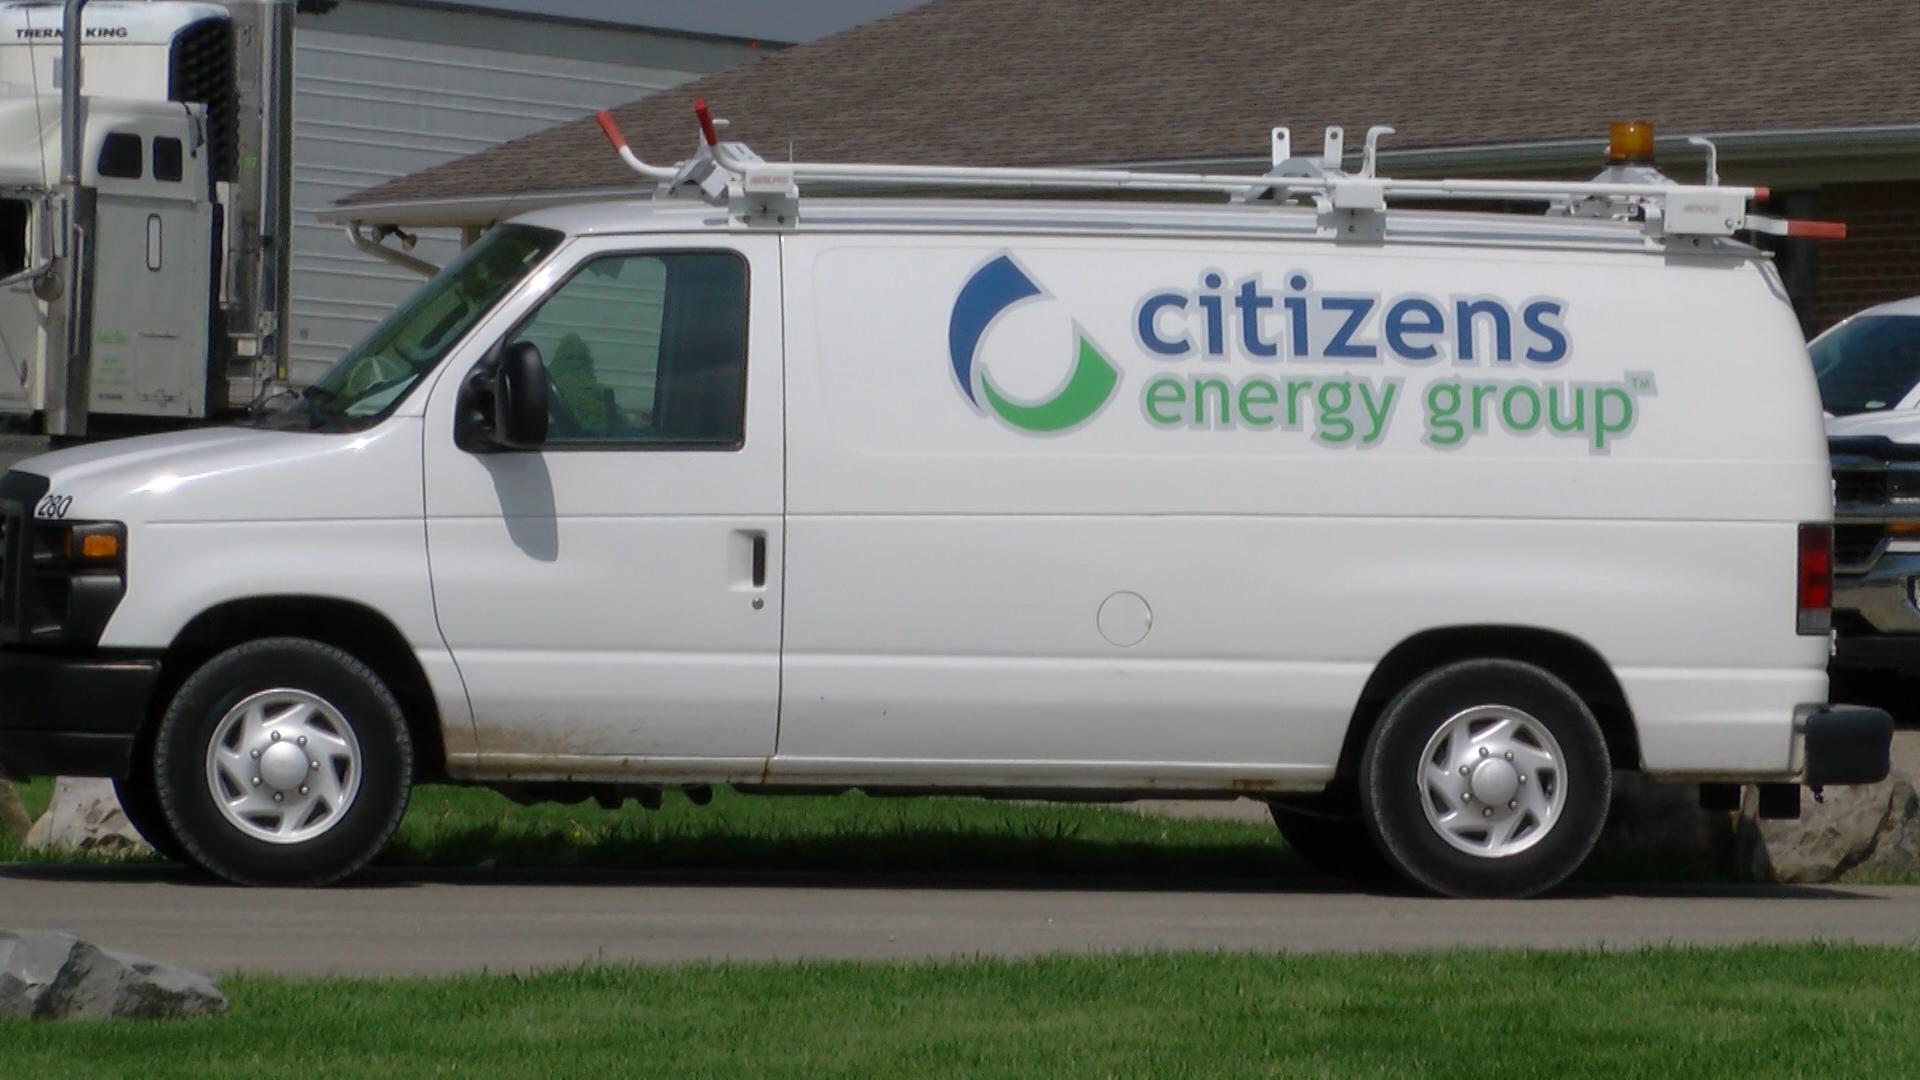 citizens energy group_1492641585370.jpg